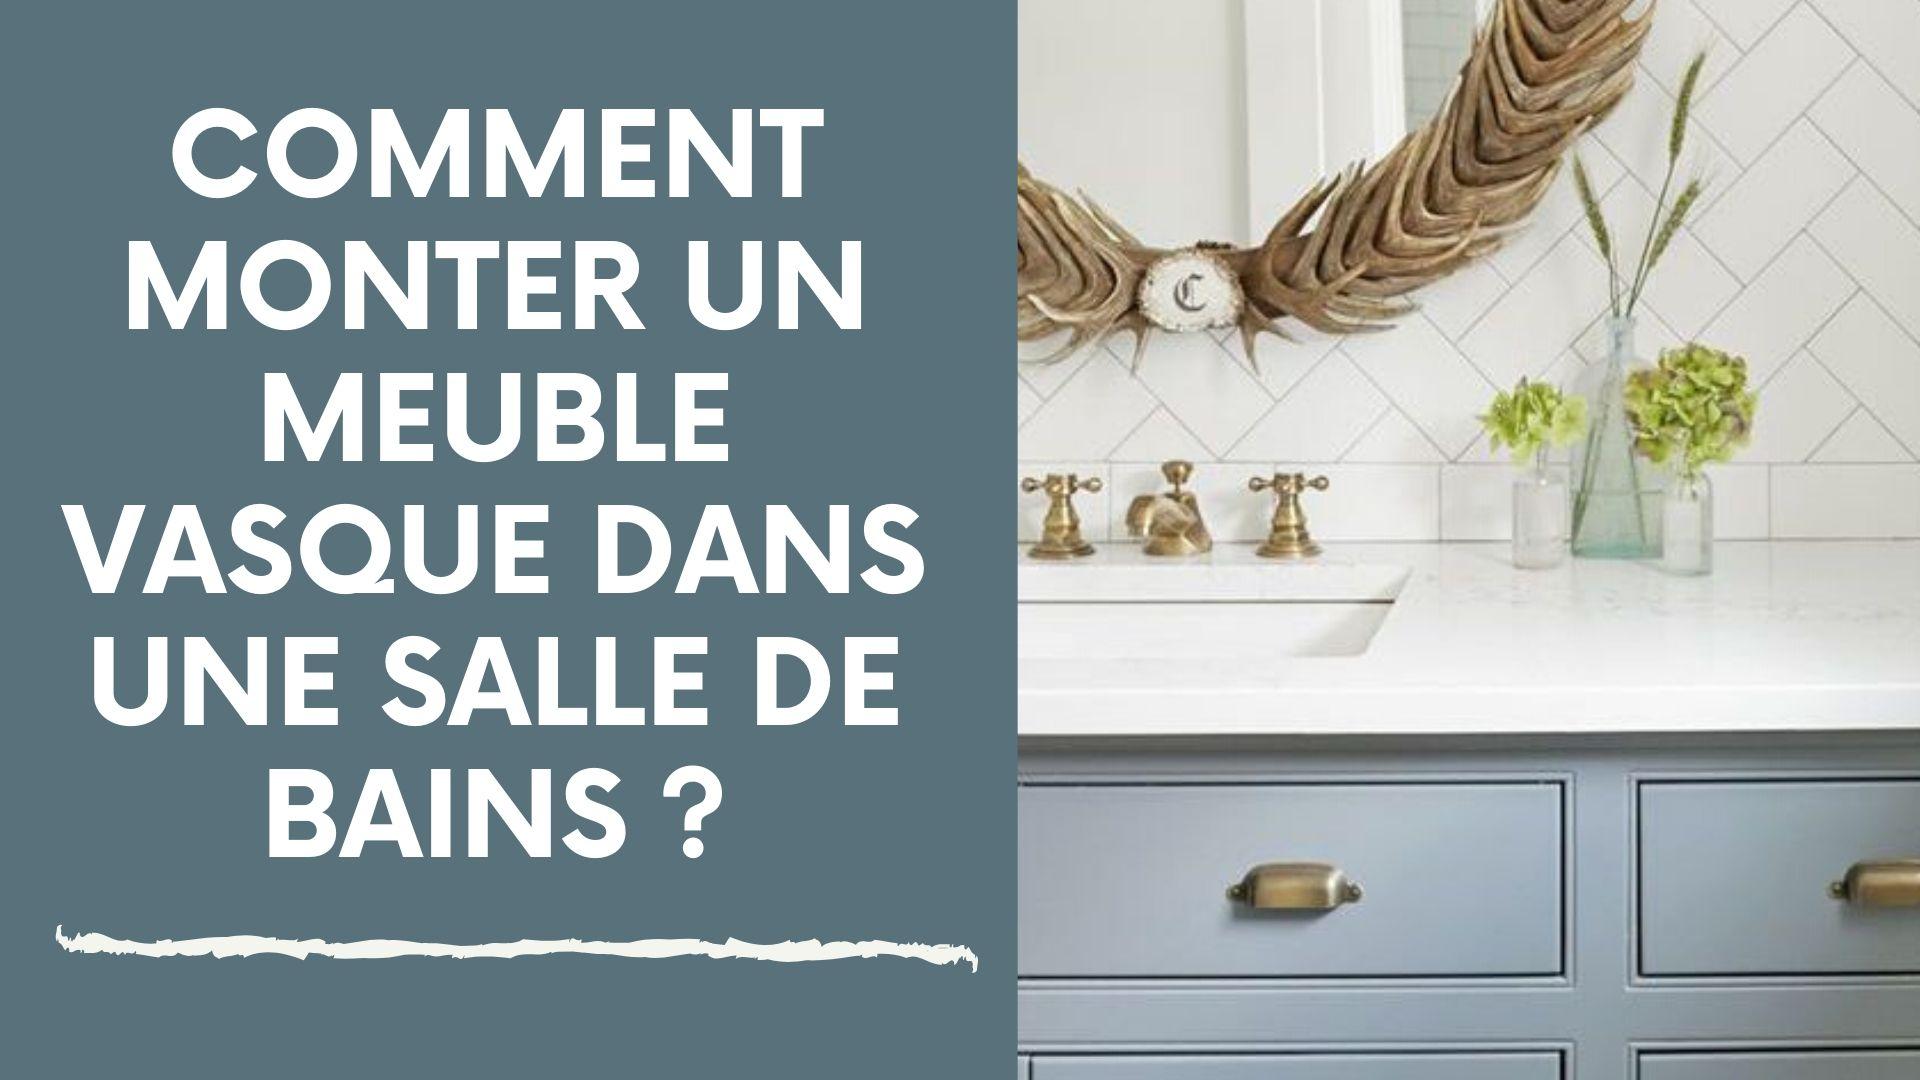 Monter Sa Salle De Bain comment monter un meuble vasque dans une salle de bains ?